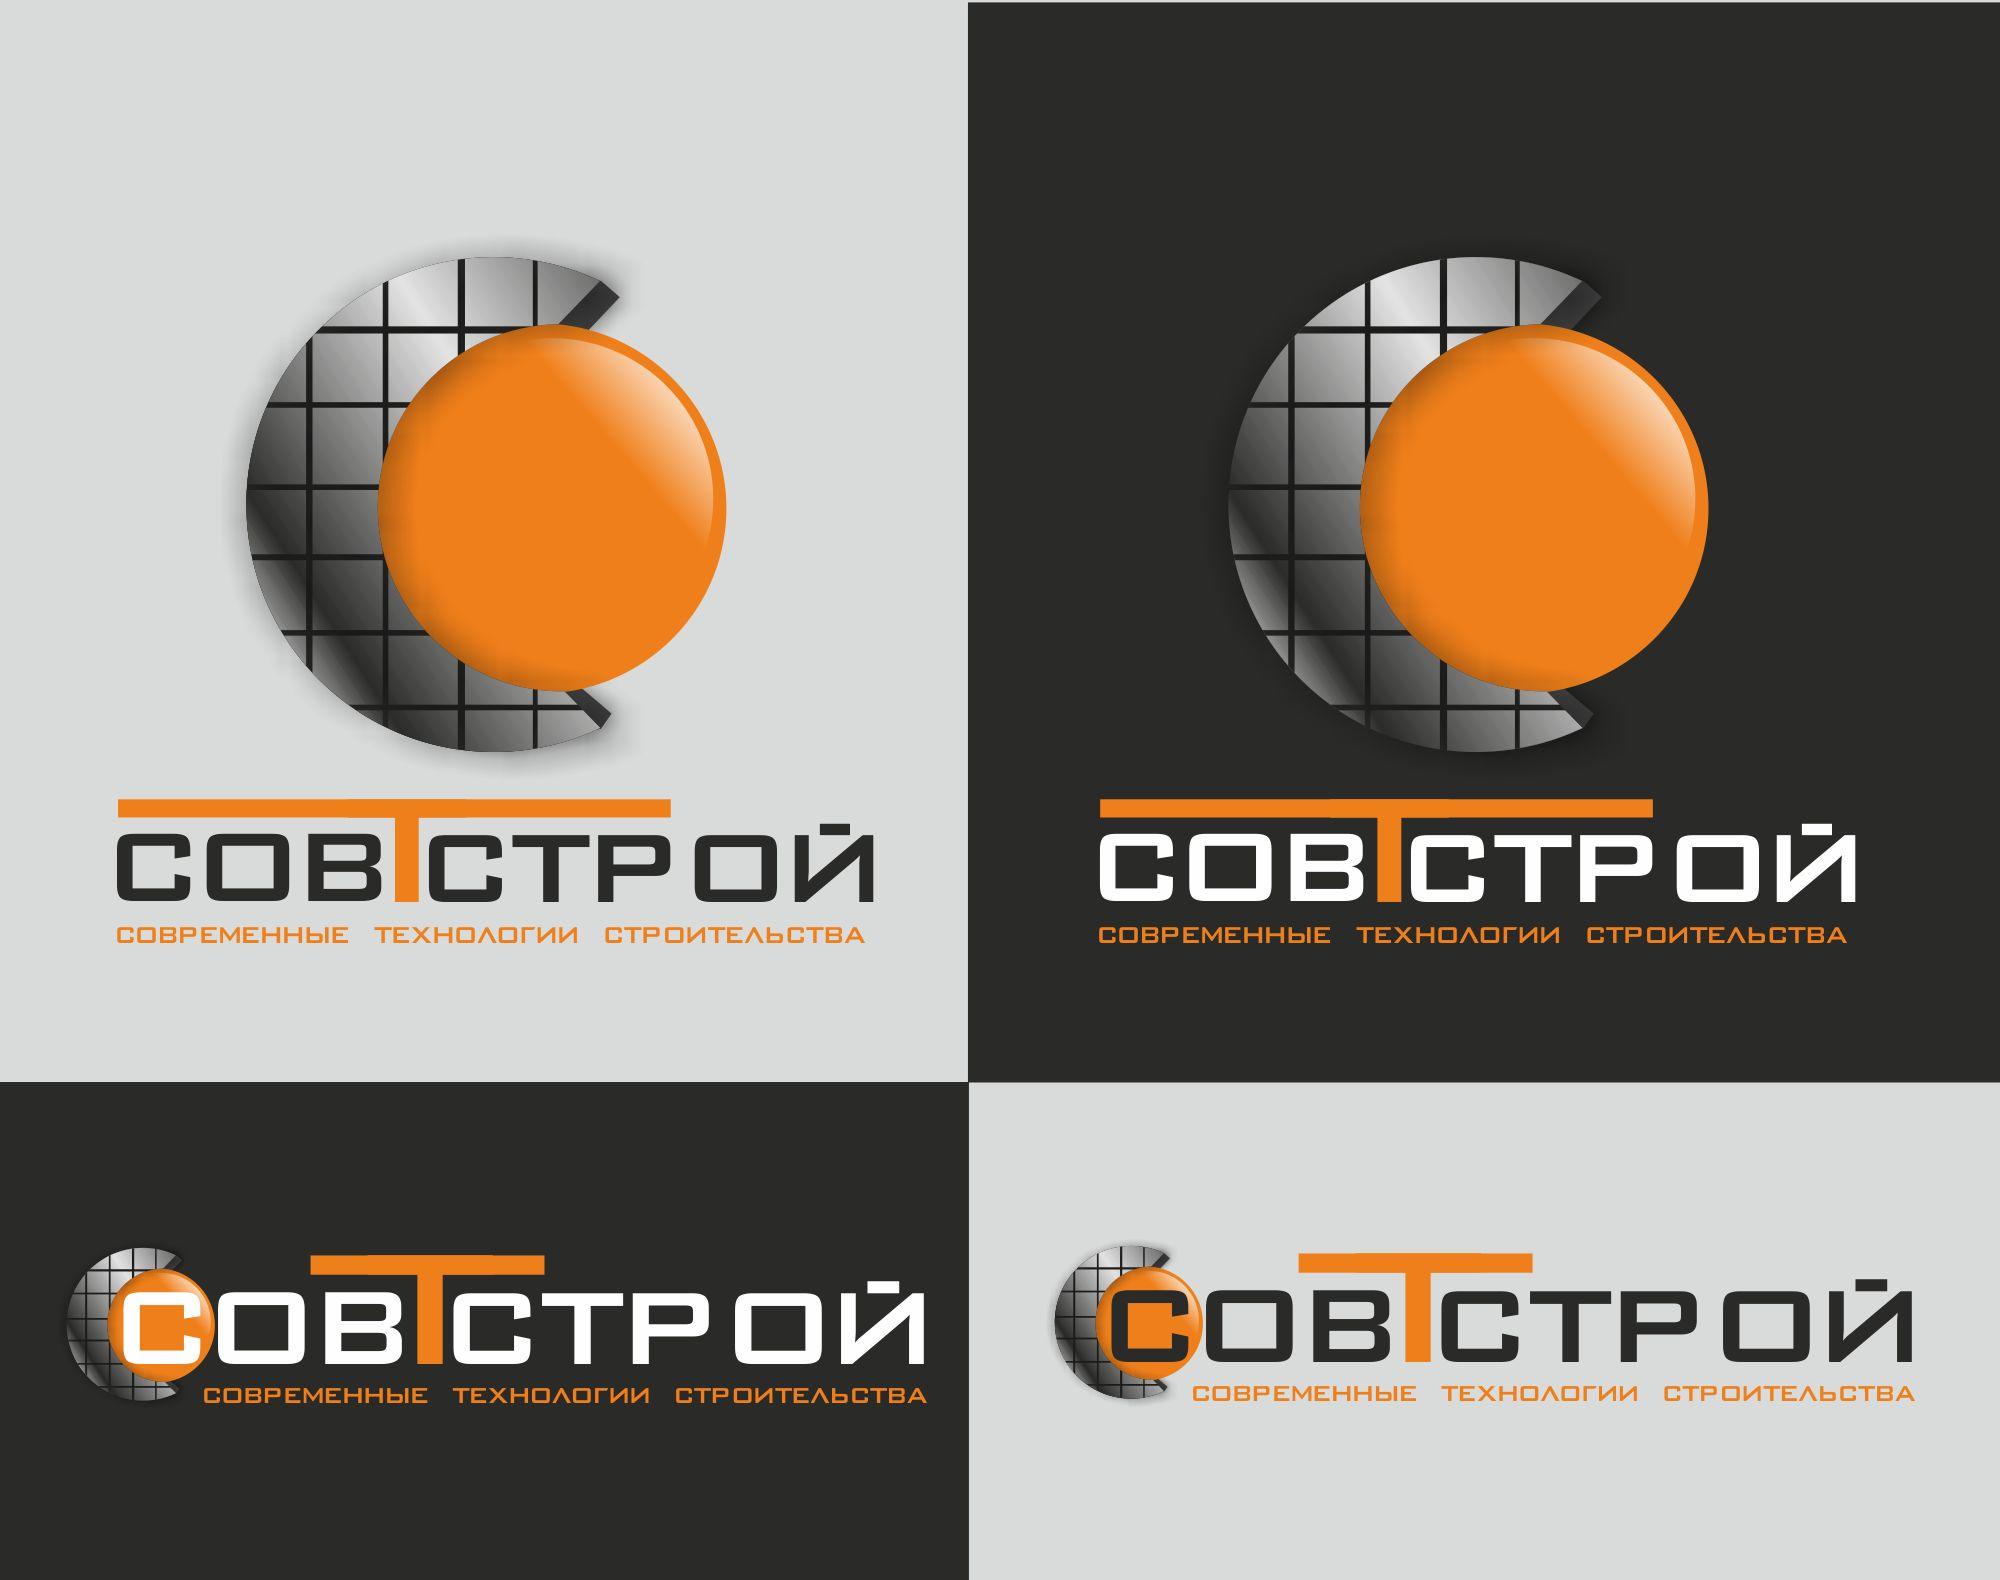 Логотип для поставщика строительных материалов - дизайнер byka-ve7rov